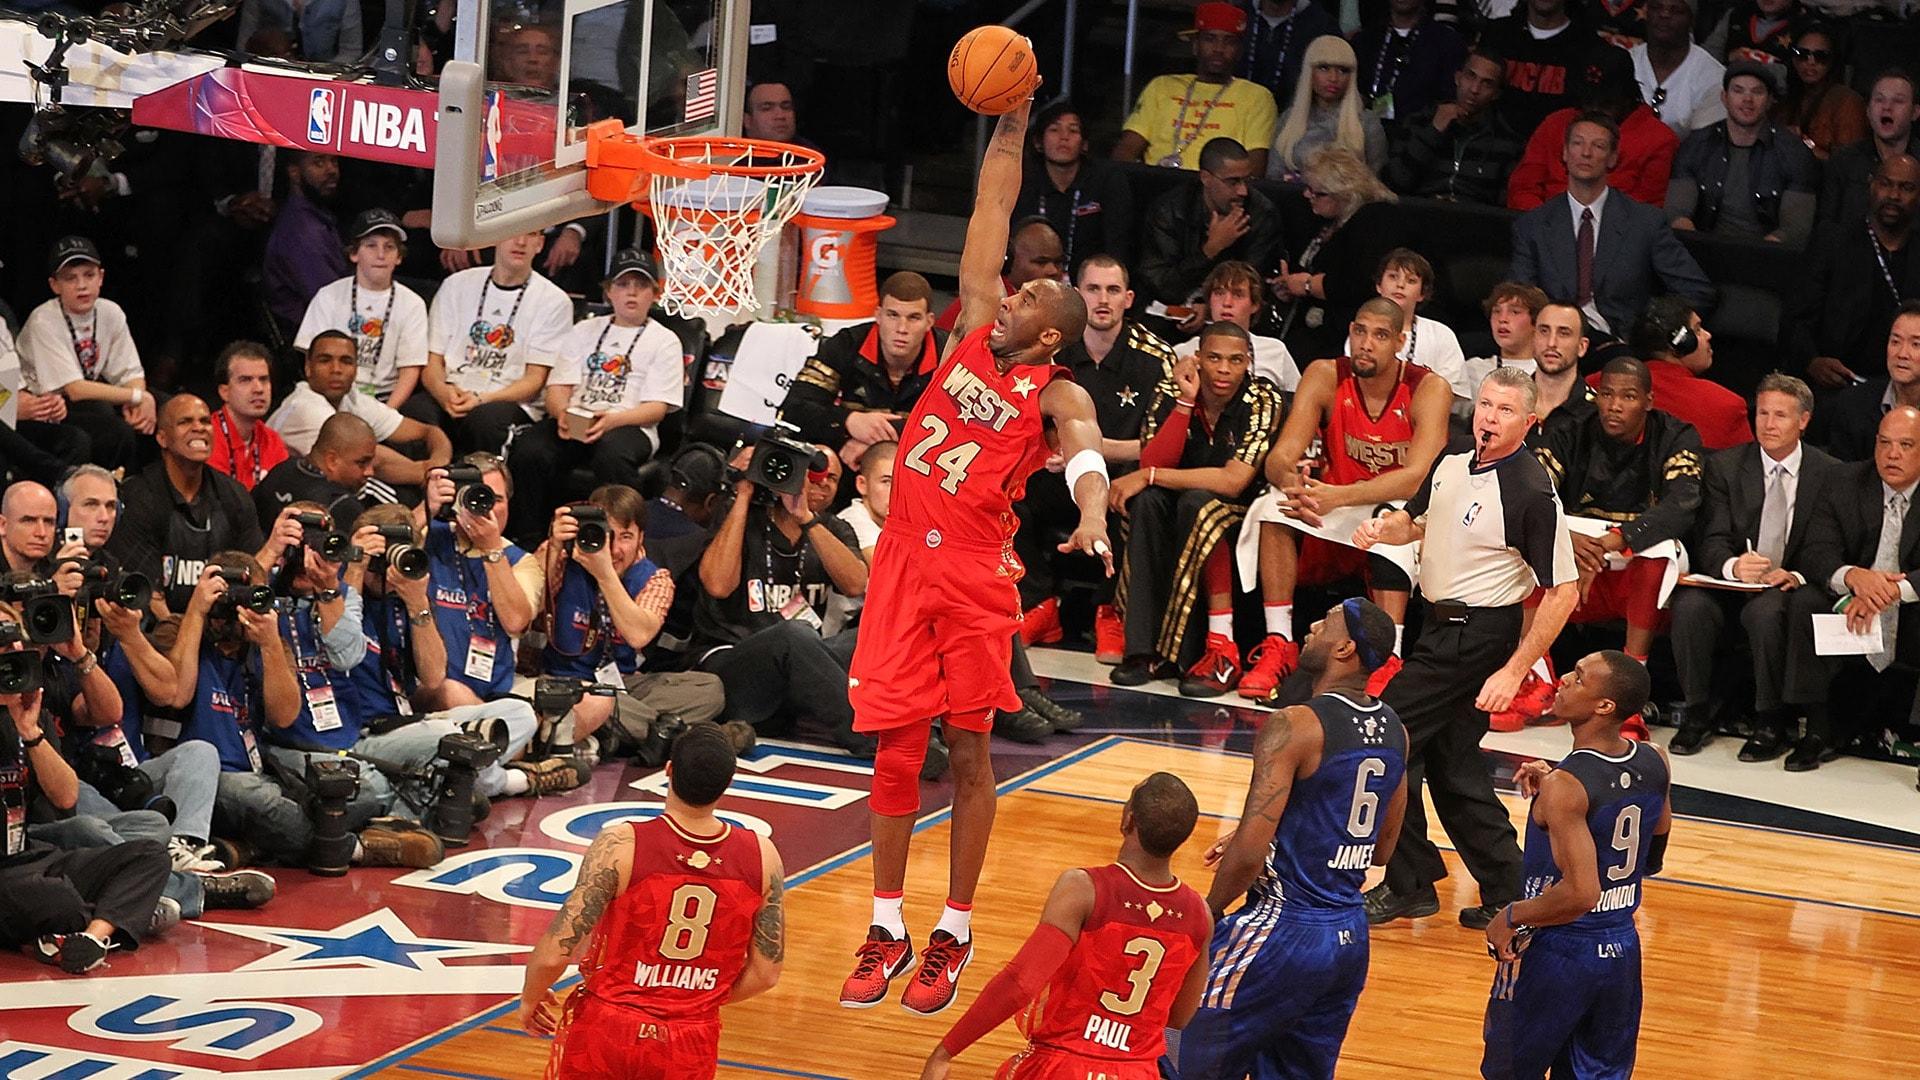 2011 NBA All-Star recap